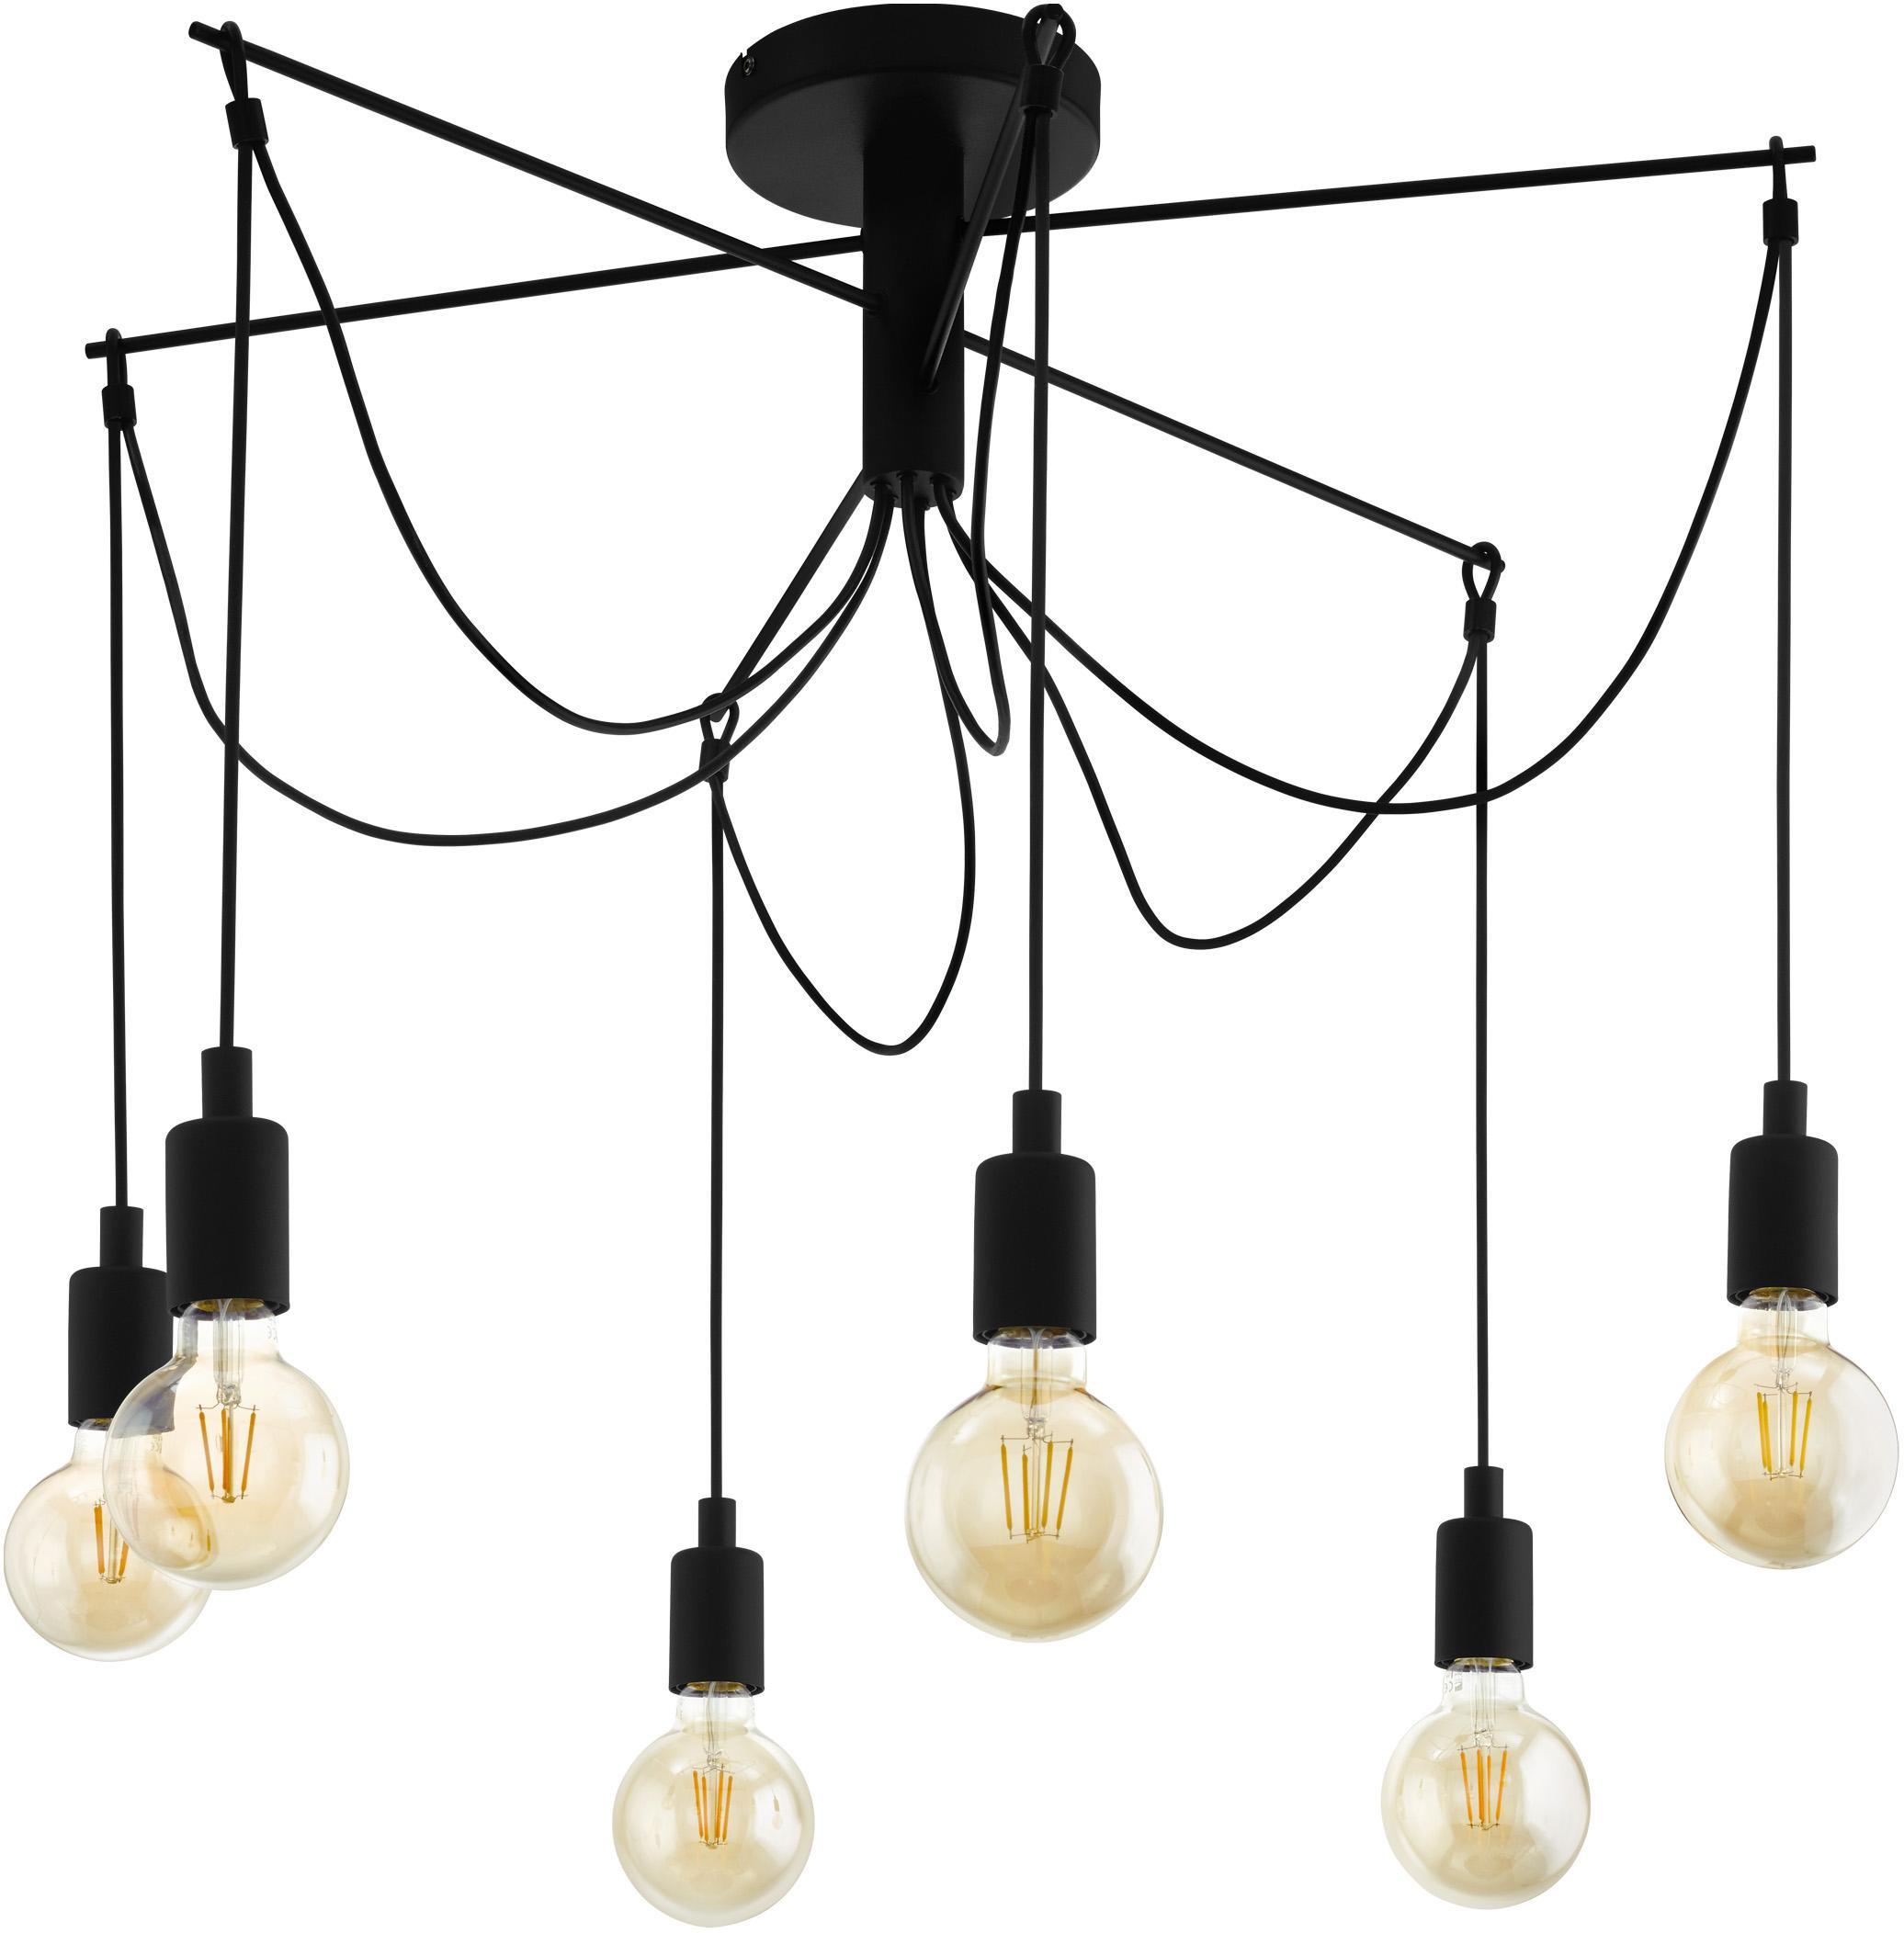 Lampada a sospensione Musara, Struttura: metallo verniciato, Baldacchino: metallo verniciato, Nero, Ø 79 x Alt. 85 cm